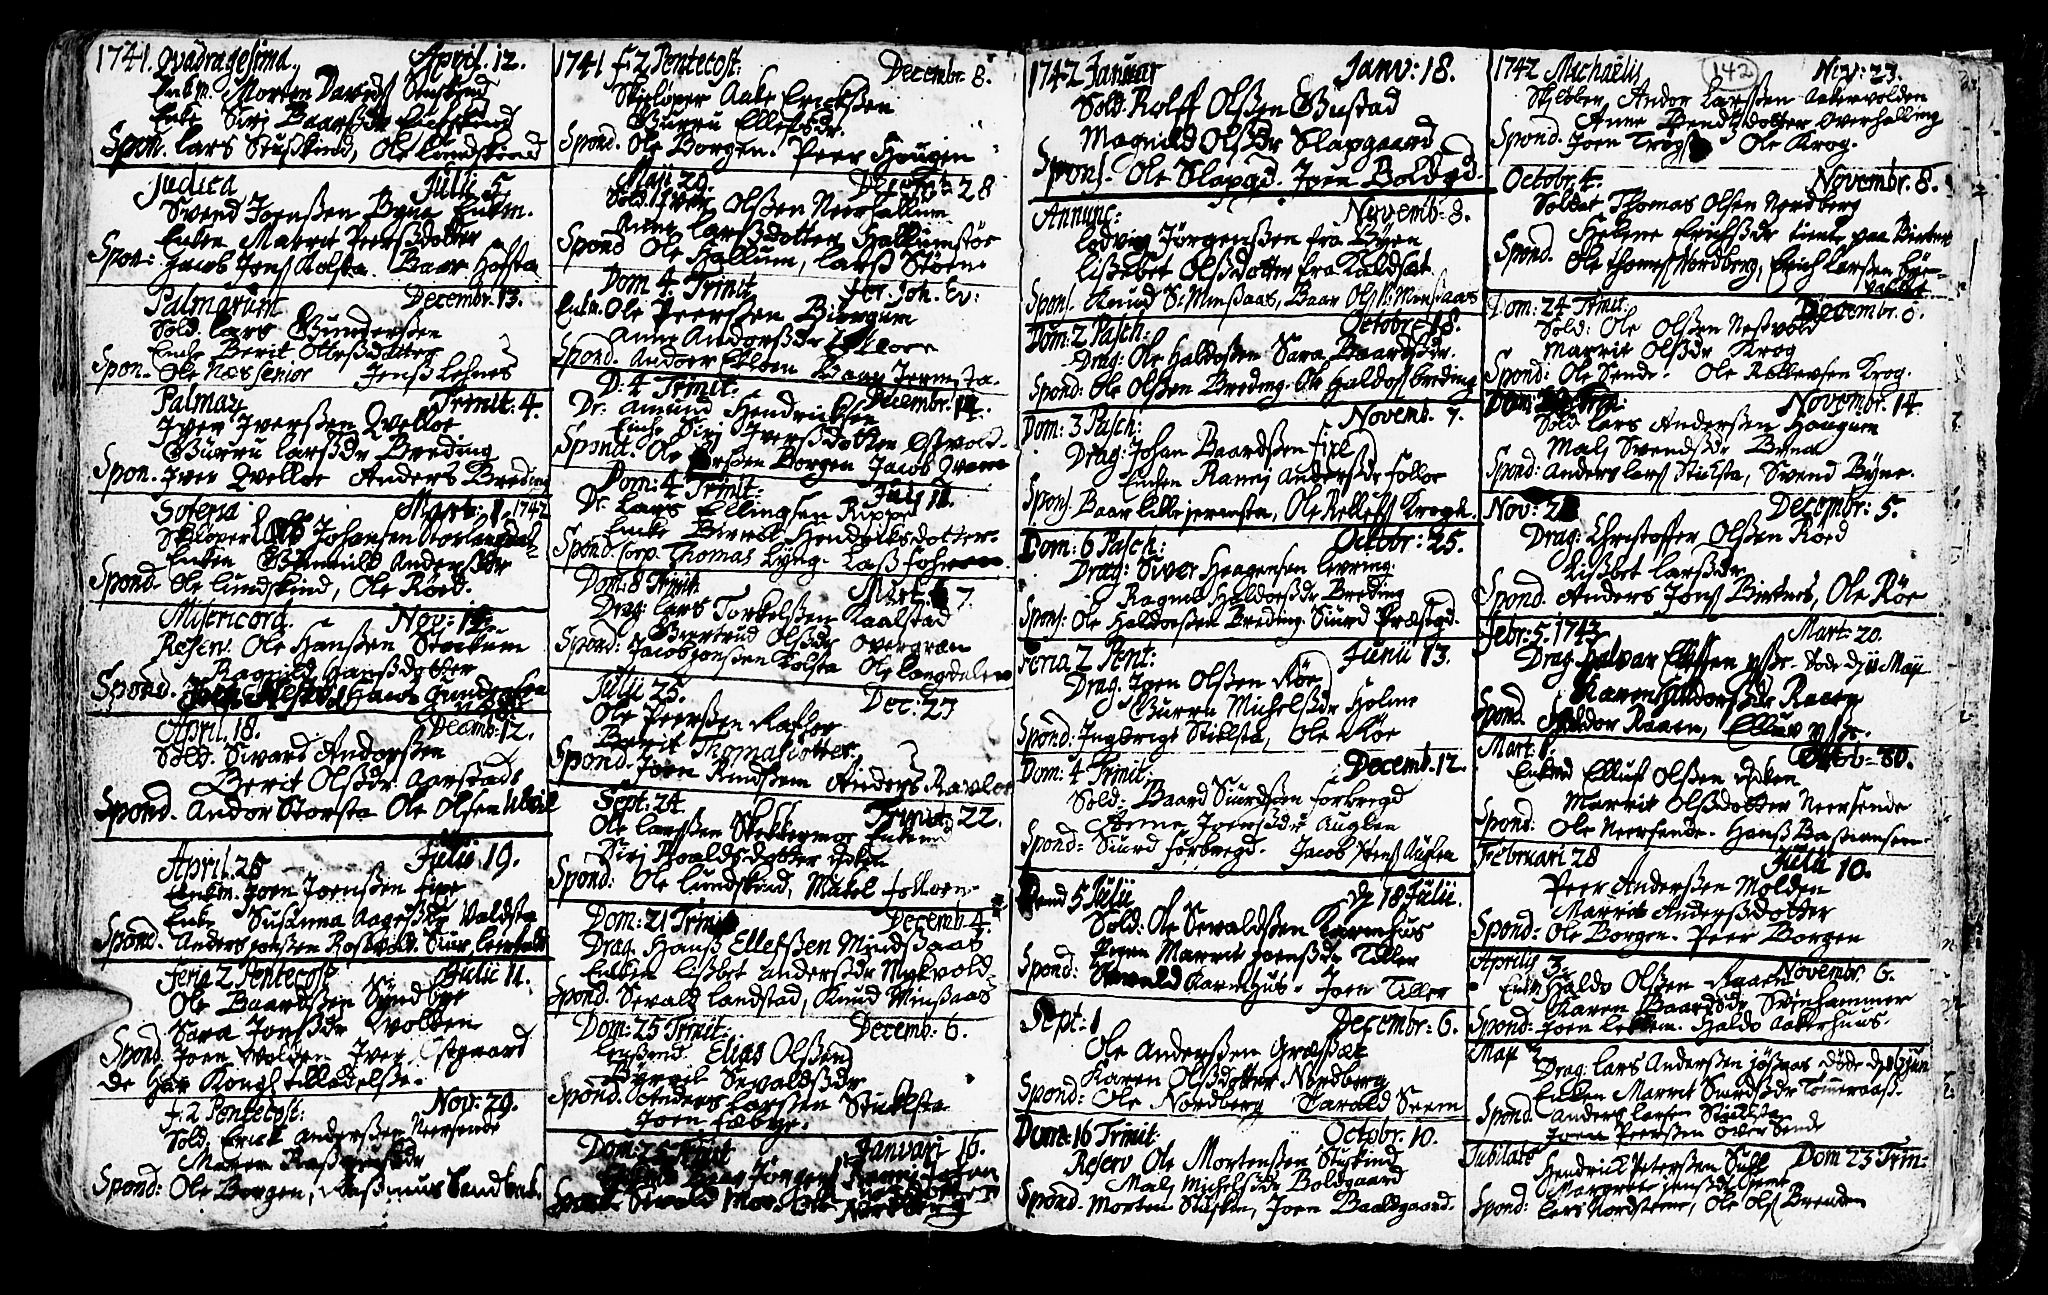 SAT, Ministerialprotokoller, klokkerbøker og fødselsregistre - Nord-Trøndelag, 723/L0230: Ministerialbok nr. 723A01, 1705-1747, s. 142